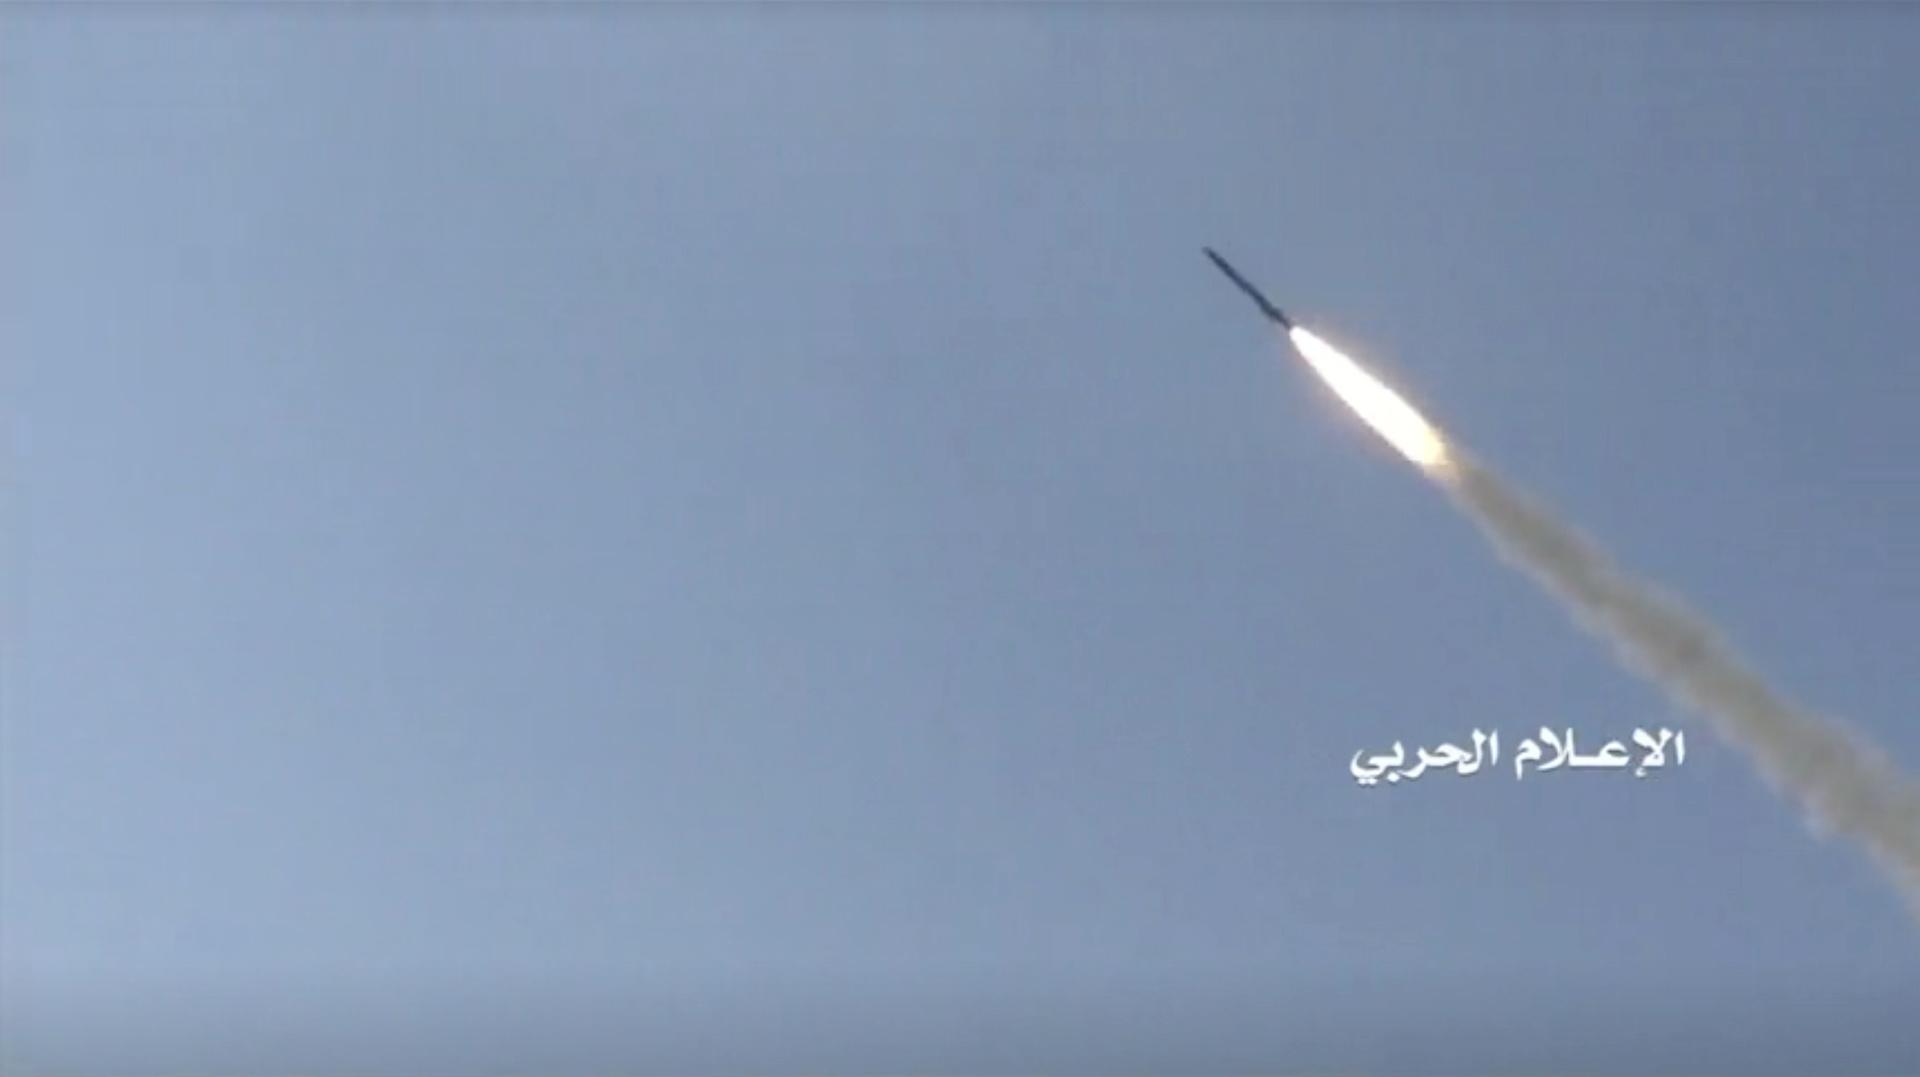 وكالة إيرانية: جماعات المقاومة نفذت هجمات متزامنة على إسرائيل والسعودية